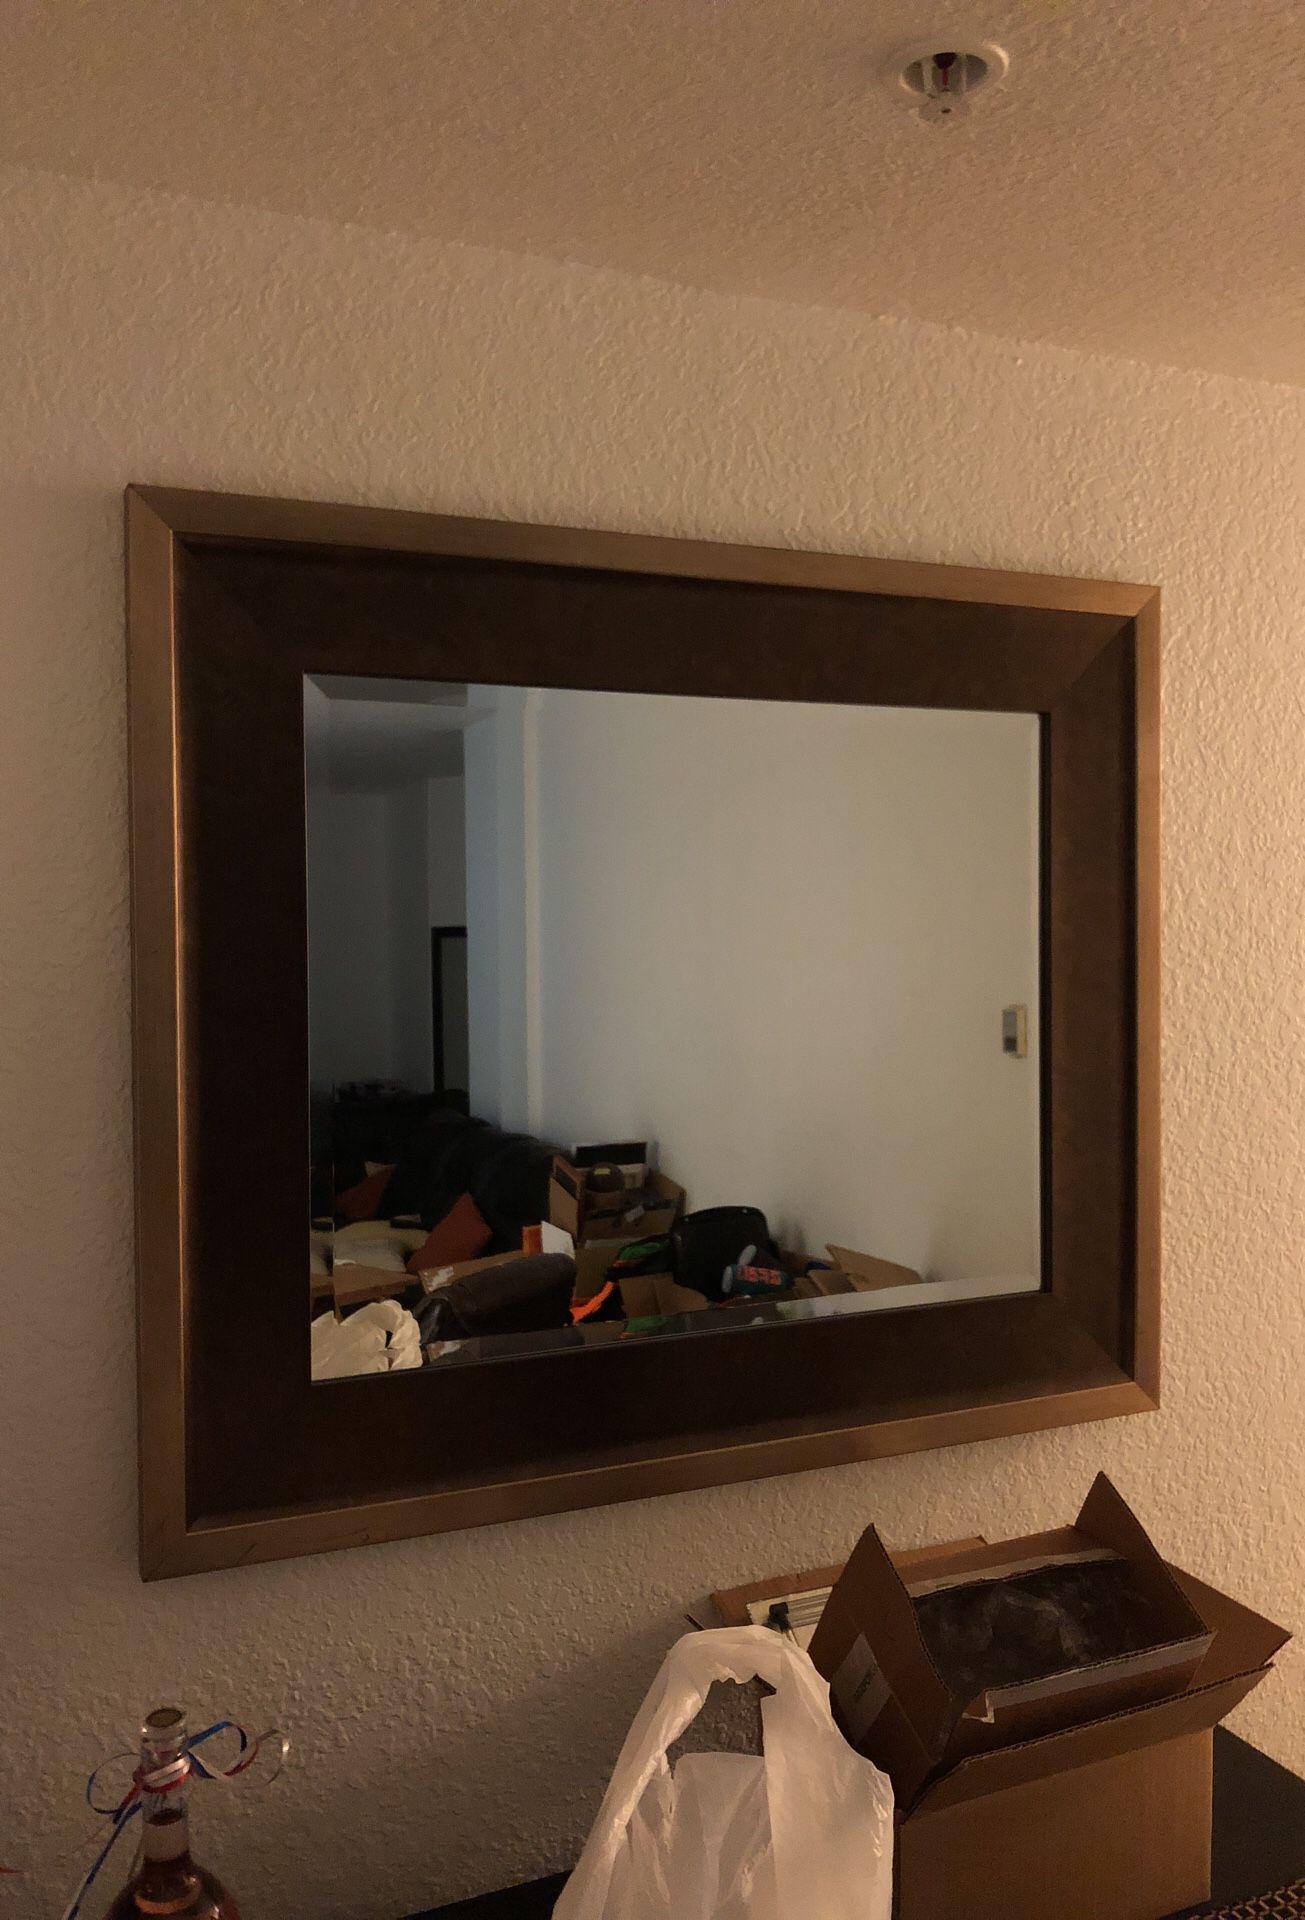 37 1/2 x 31 1/2 hanging mirror